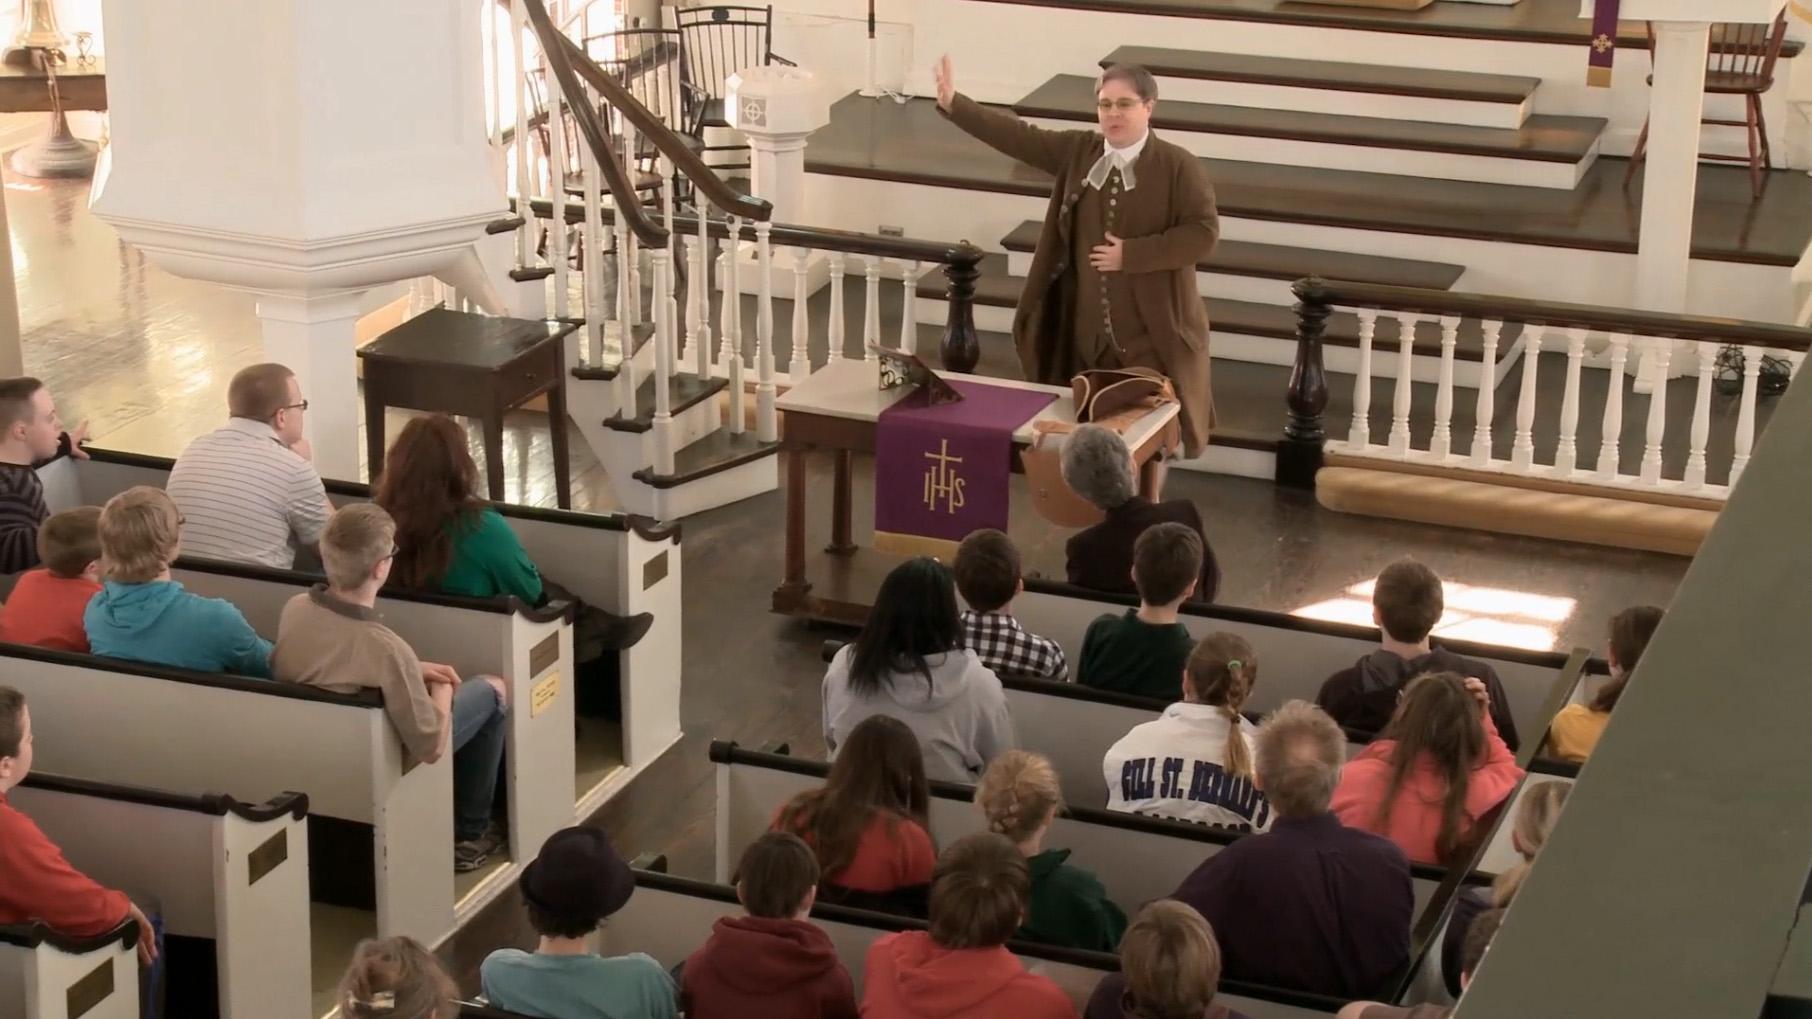 세인트조오지 연합감리교회는 1769년부터 감리교인들의 예배 처소로 사용된 역사적인 교회로 연합감리교인이라면 반드시 방문해야 할 장소 중 한 곳입니다. 사진 제공, 연합감리교 공보부.